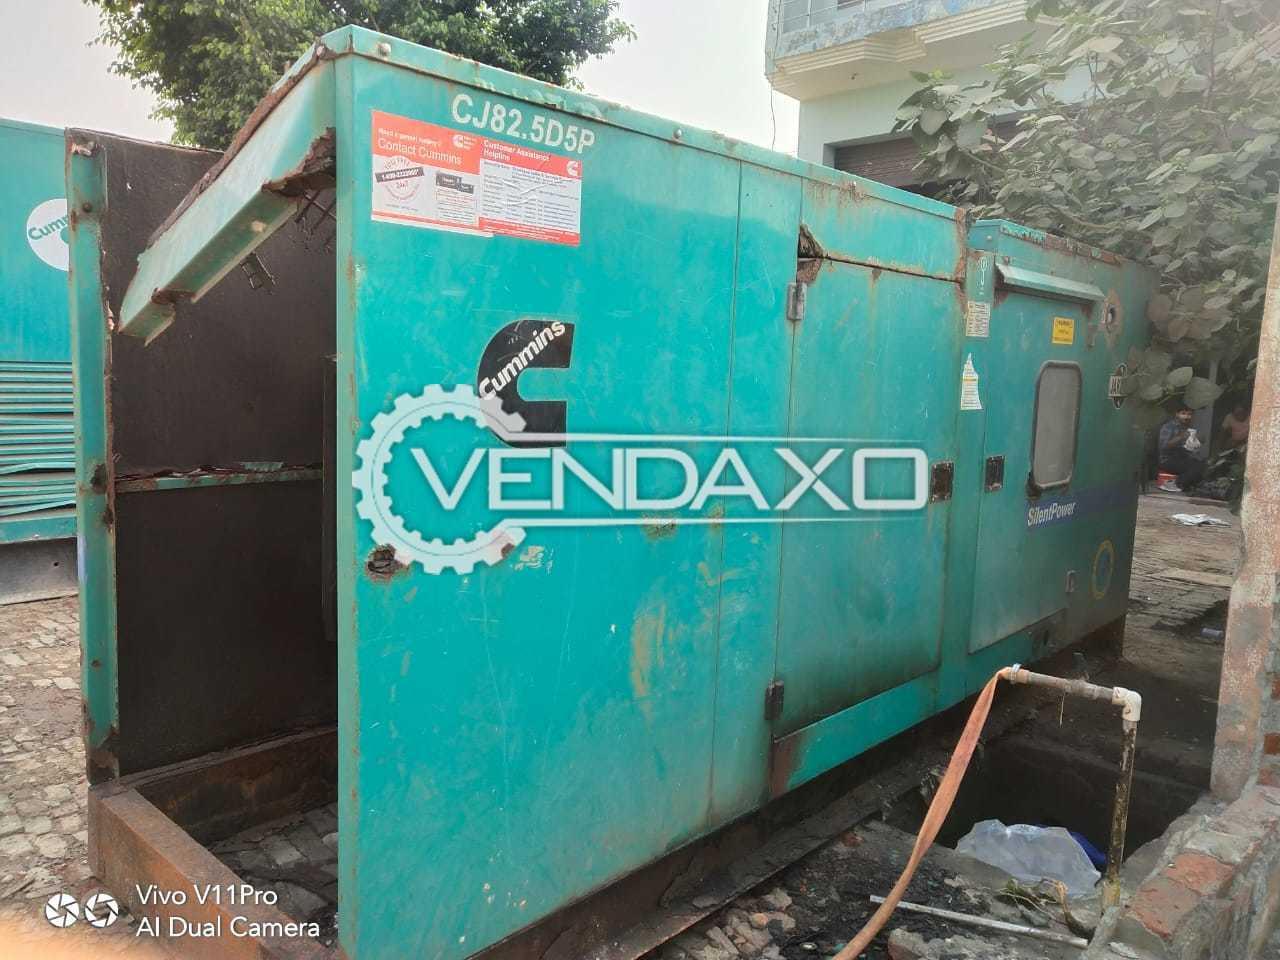 Cummins CJ82.5D5P Diesel Generator - 82.5 Kva